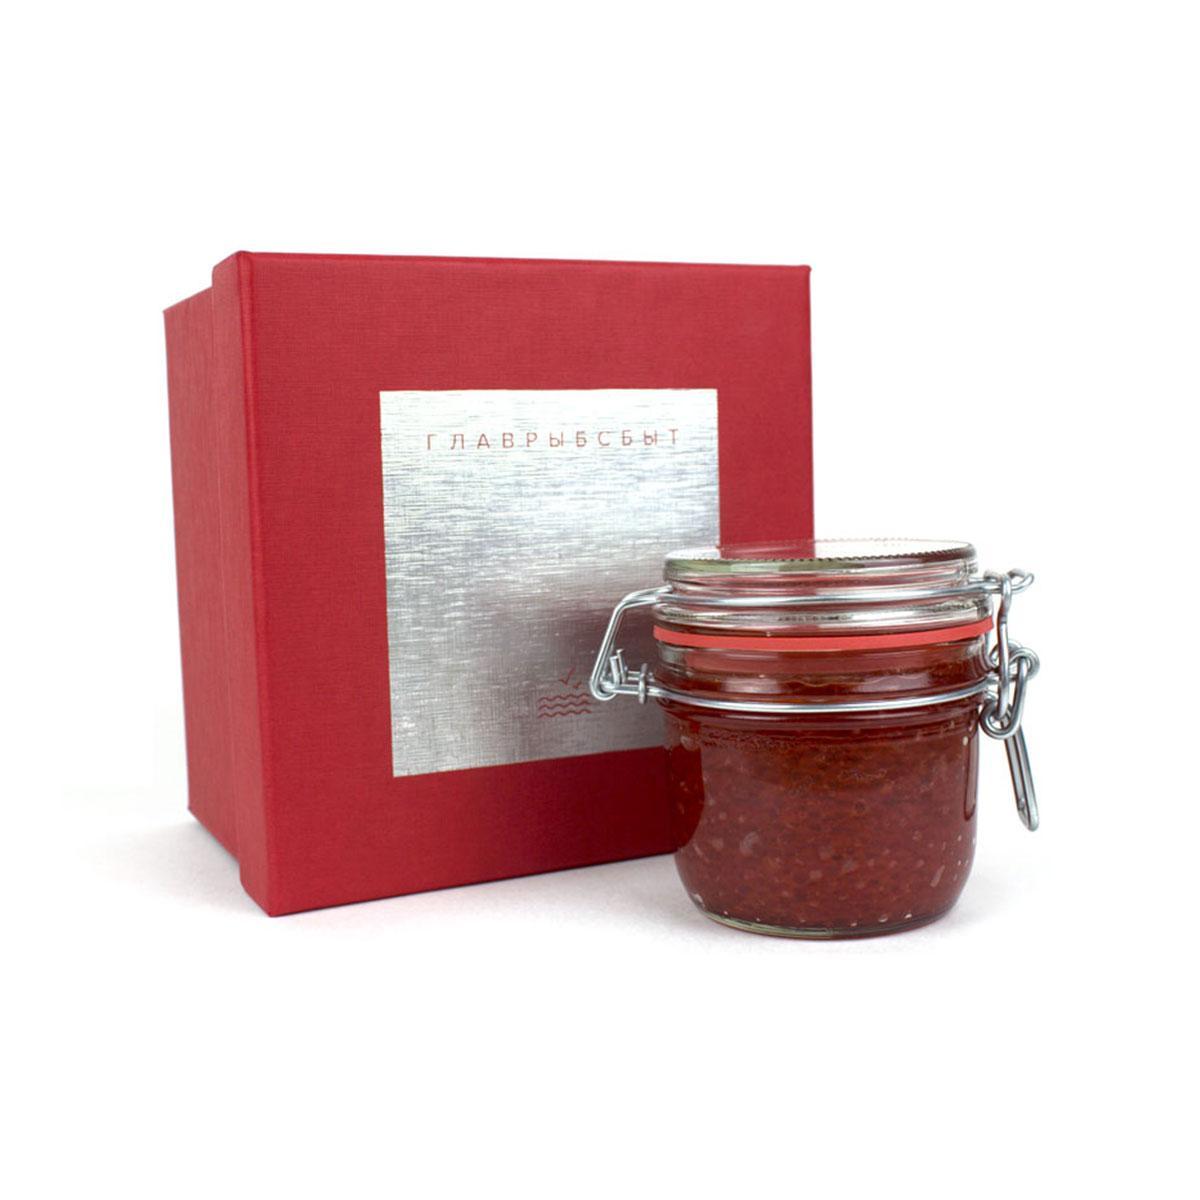 Красная икра в подарочной коробке 250 г